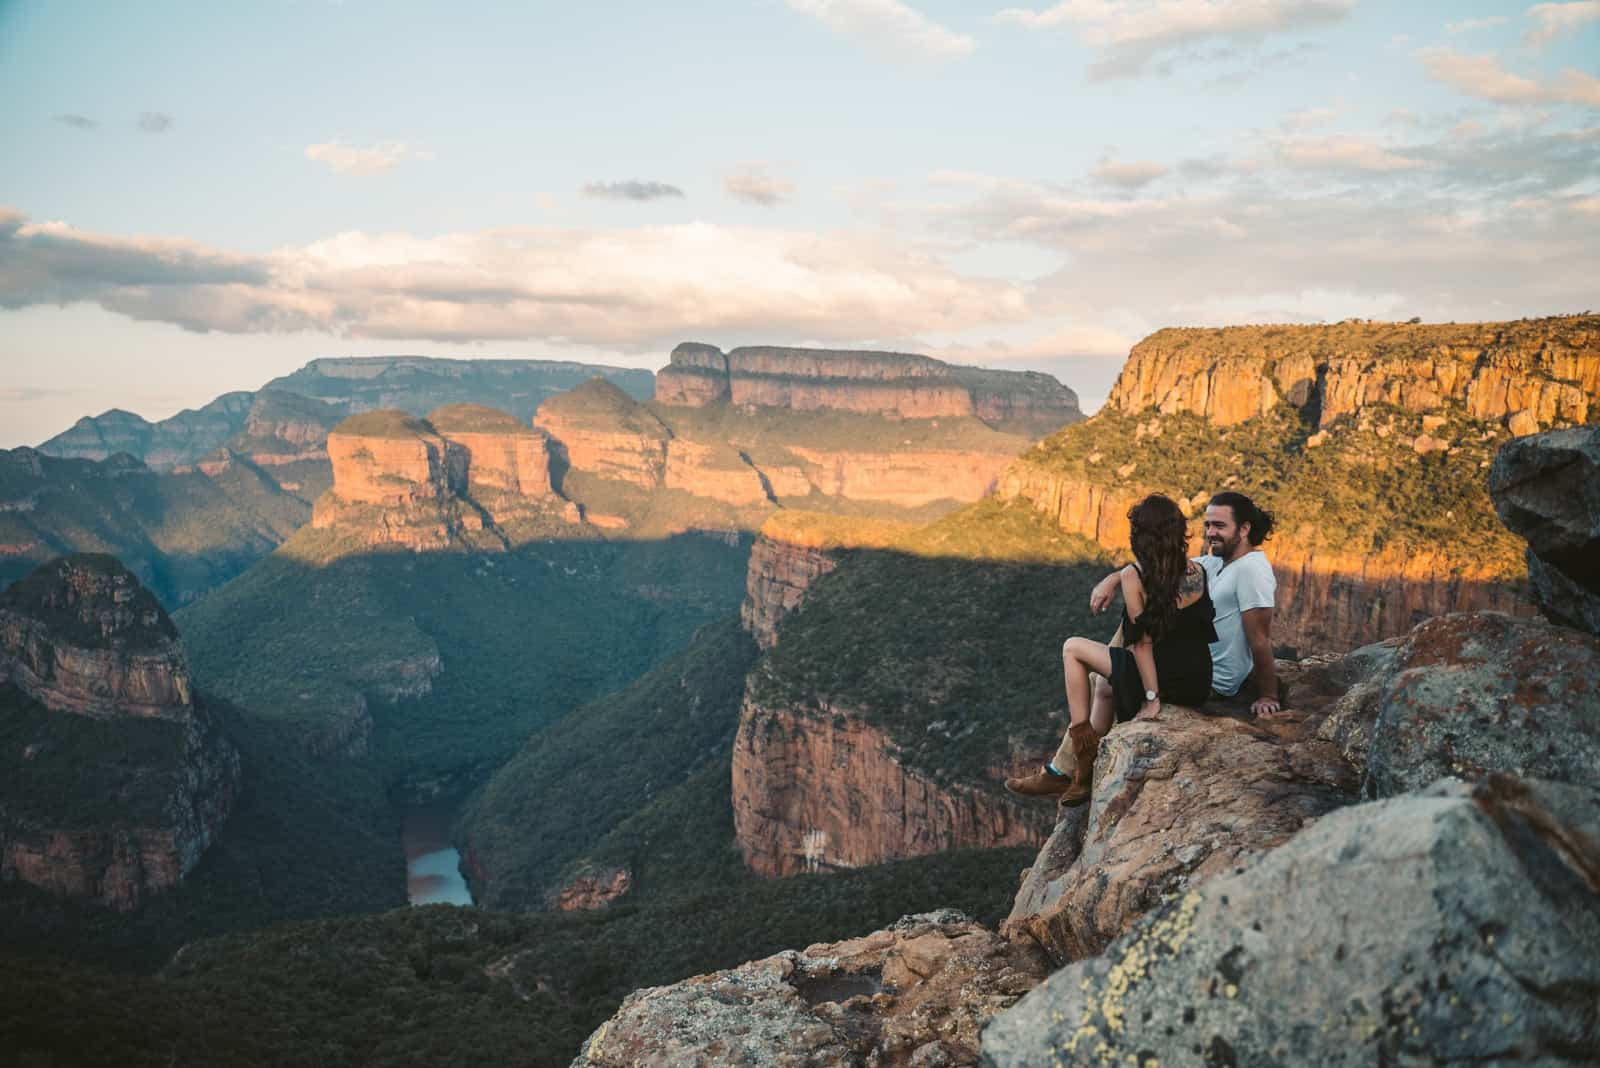 homme heureux regardant une femme assise sur un rocher